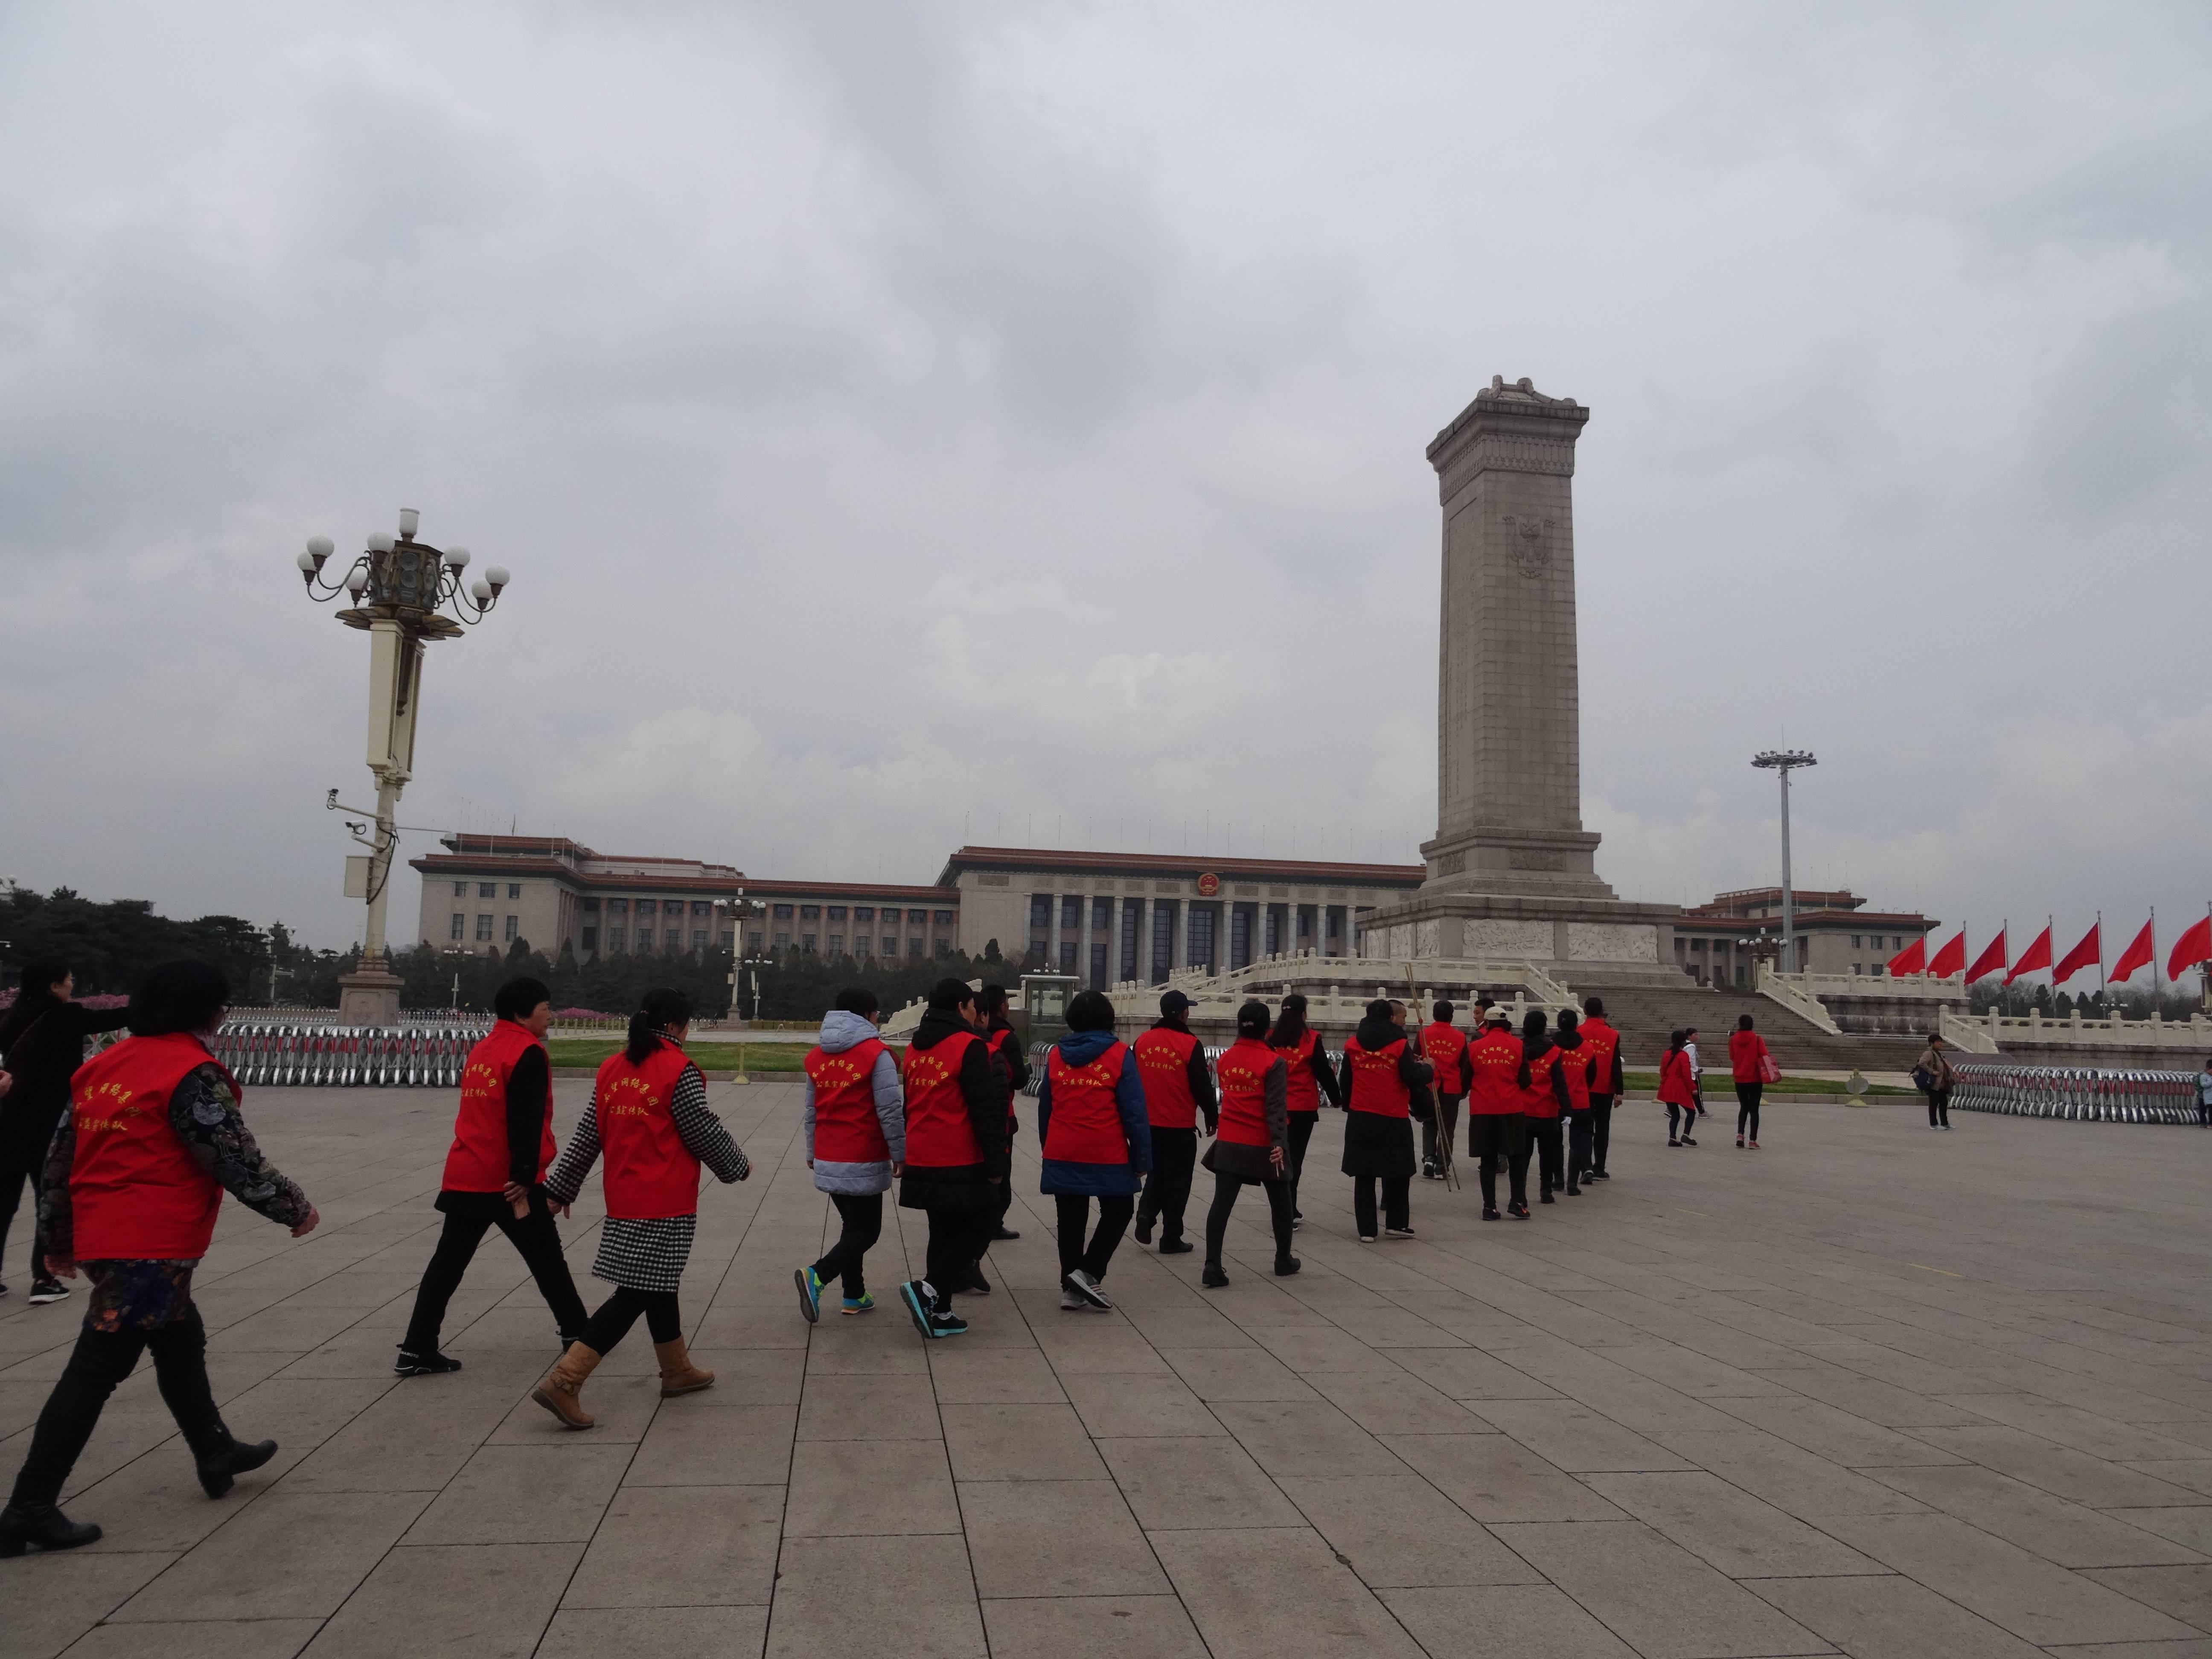 Photo 2: Chine, Pékin, la Place Tien'anmen....un incontournable...